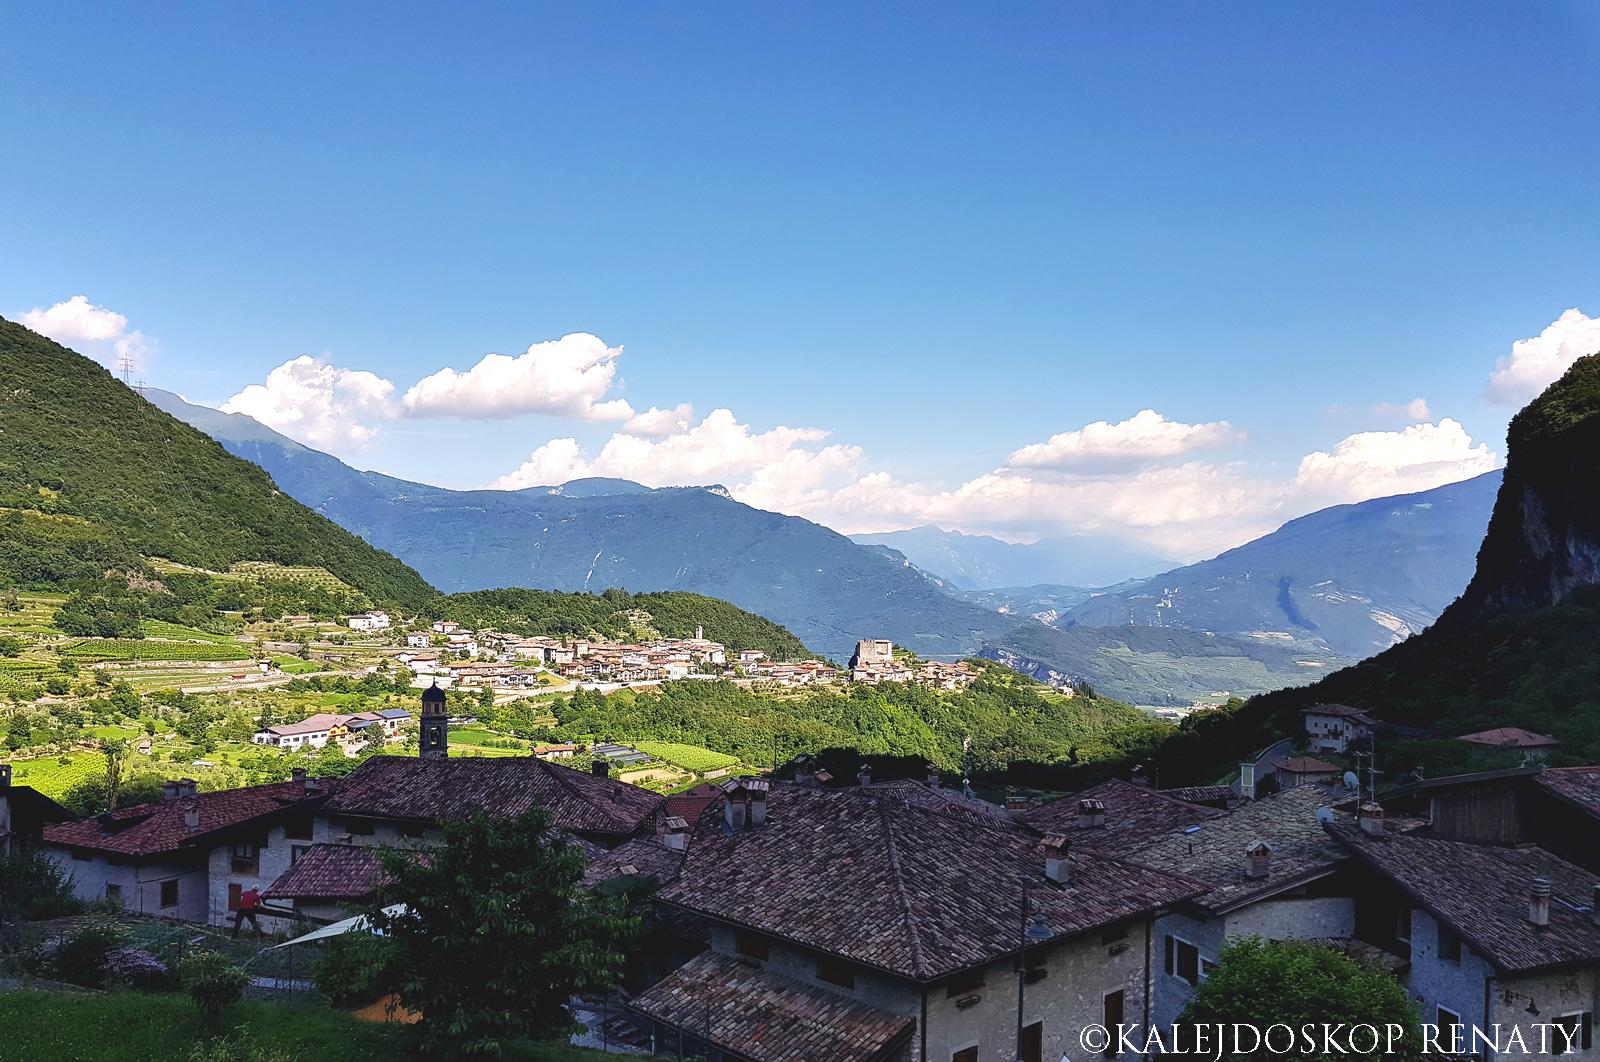 kamienne miasteczka, włoskie miasteczko na wzgórzu